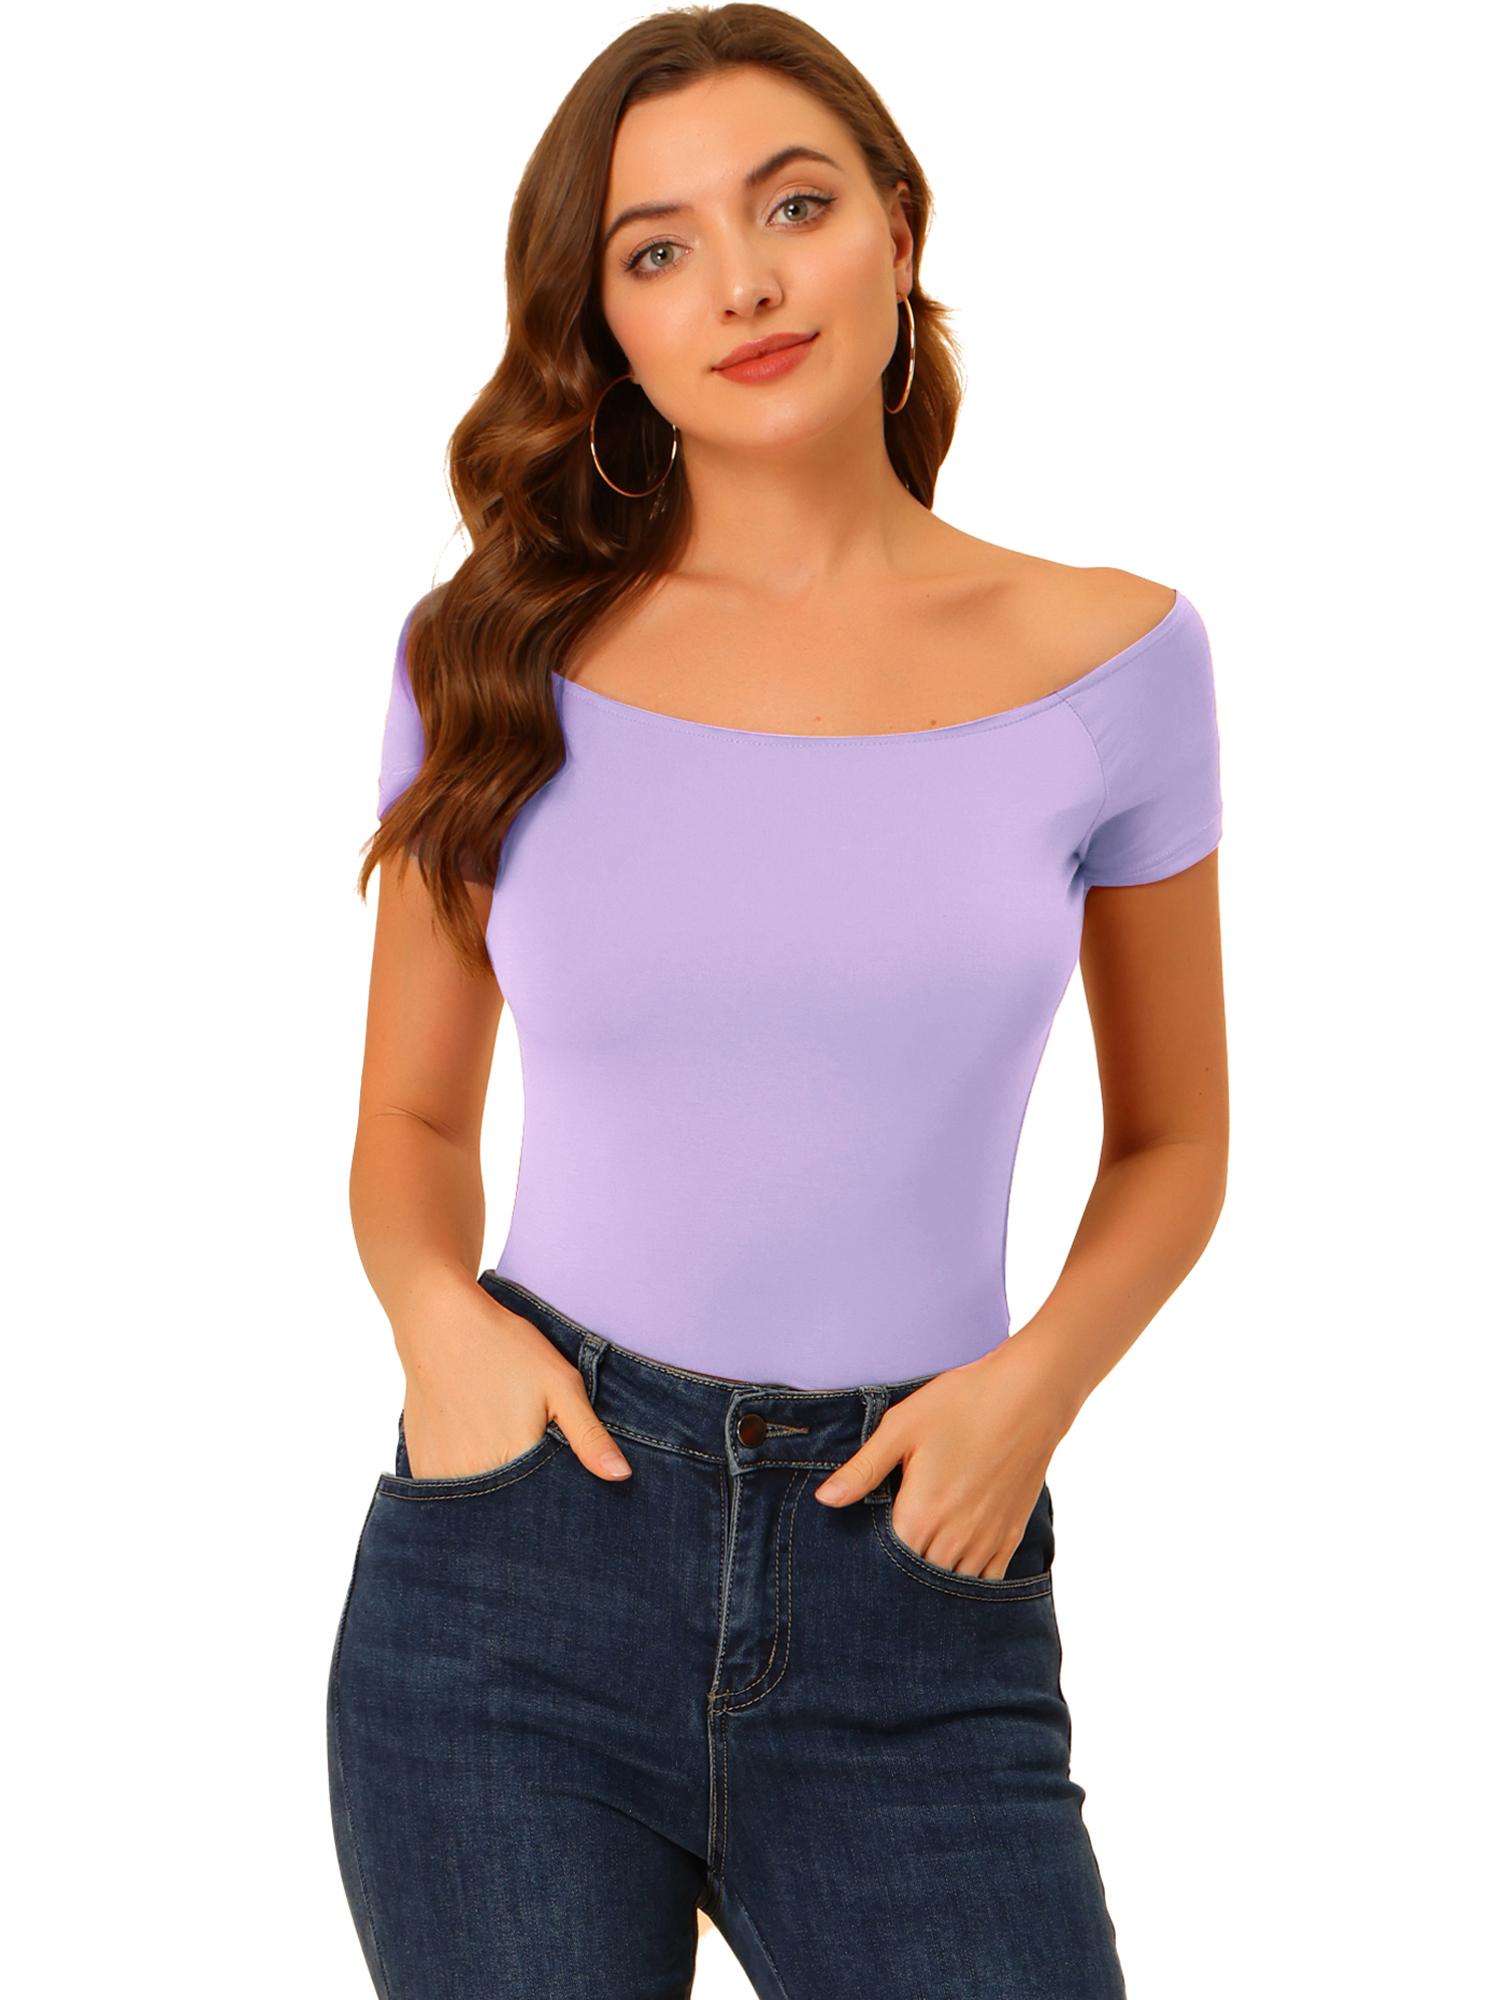 Women Short Sleeves Slim Fit Off the Shoulder Top Lavender L